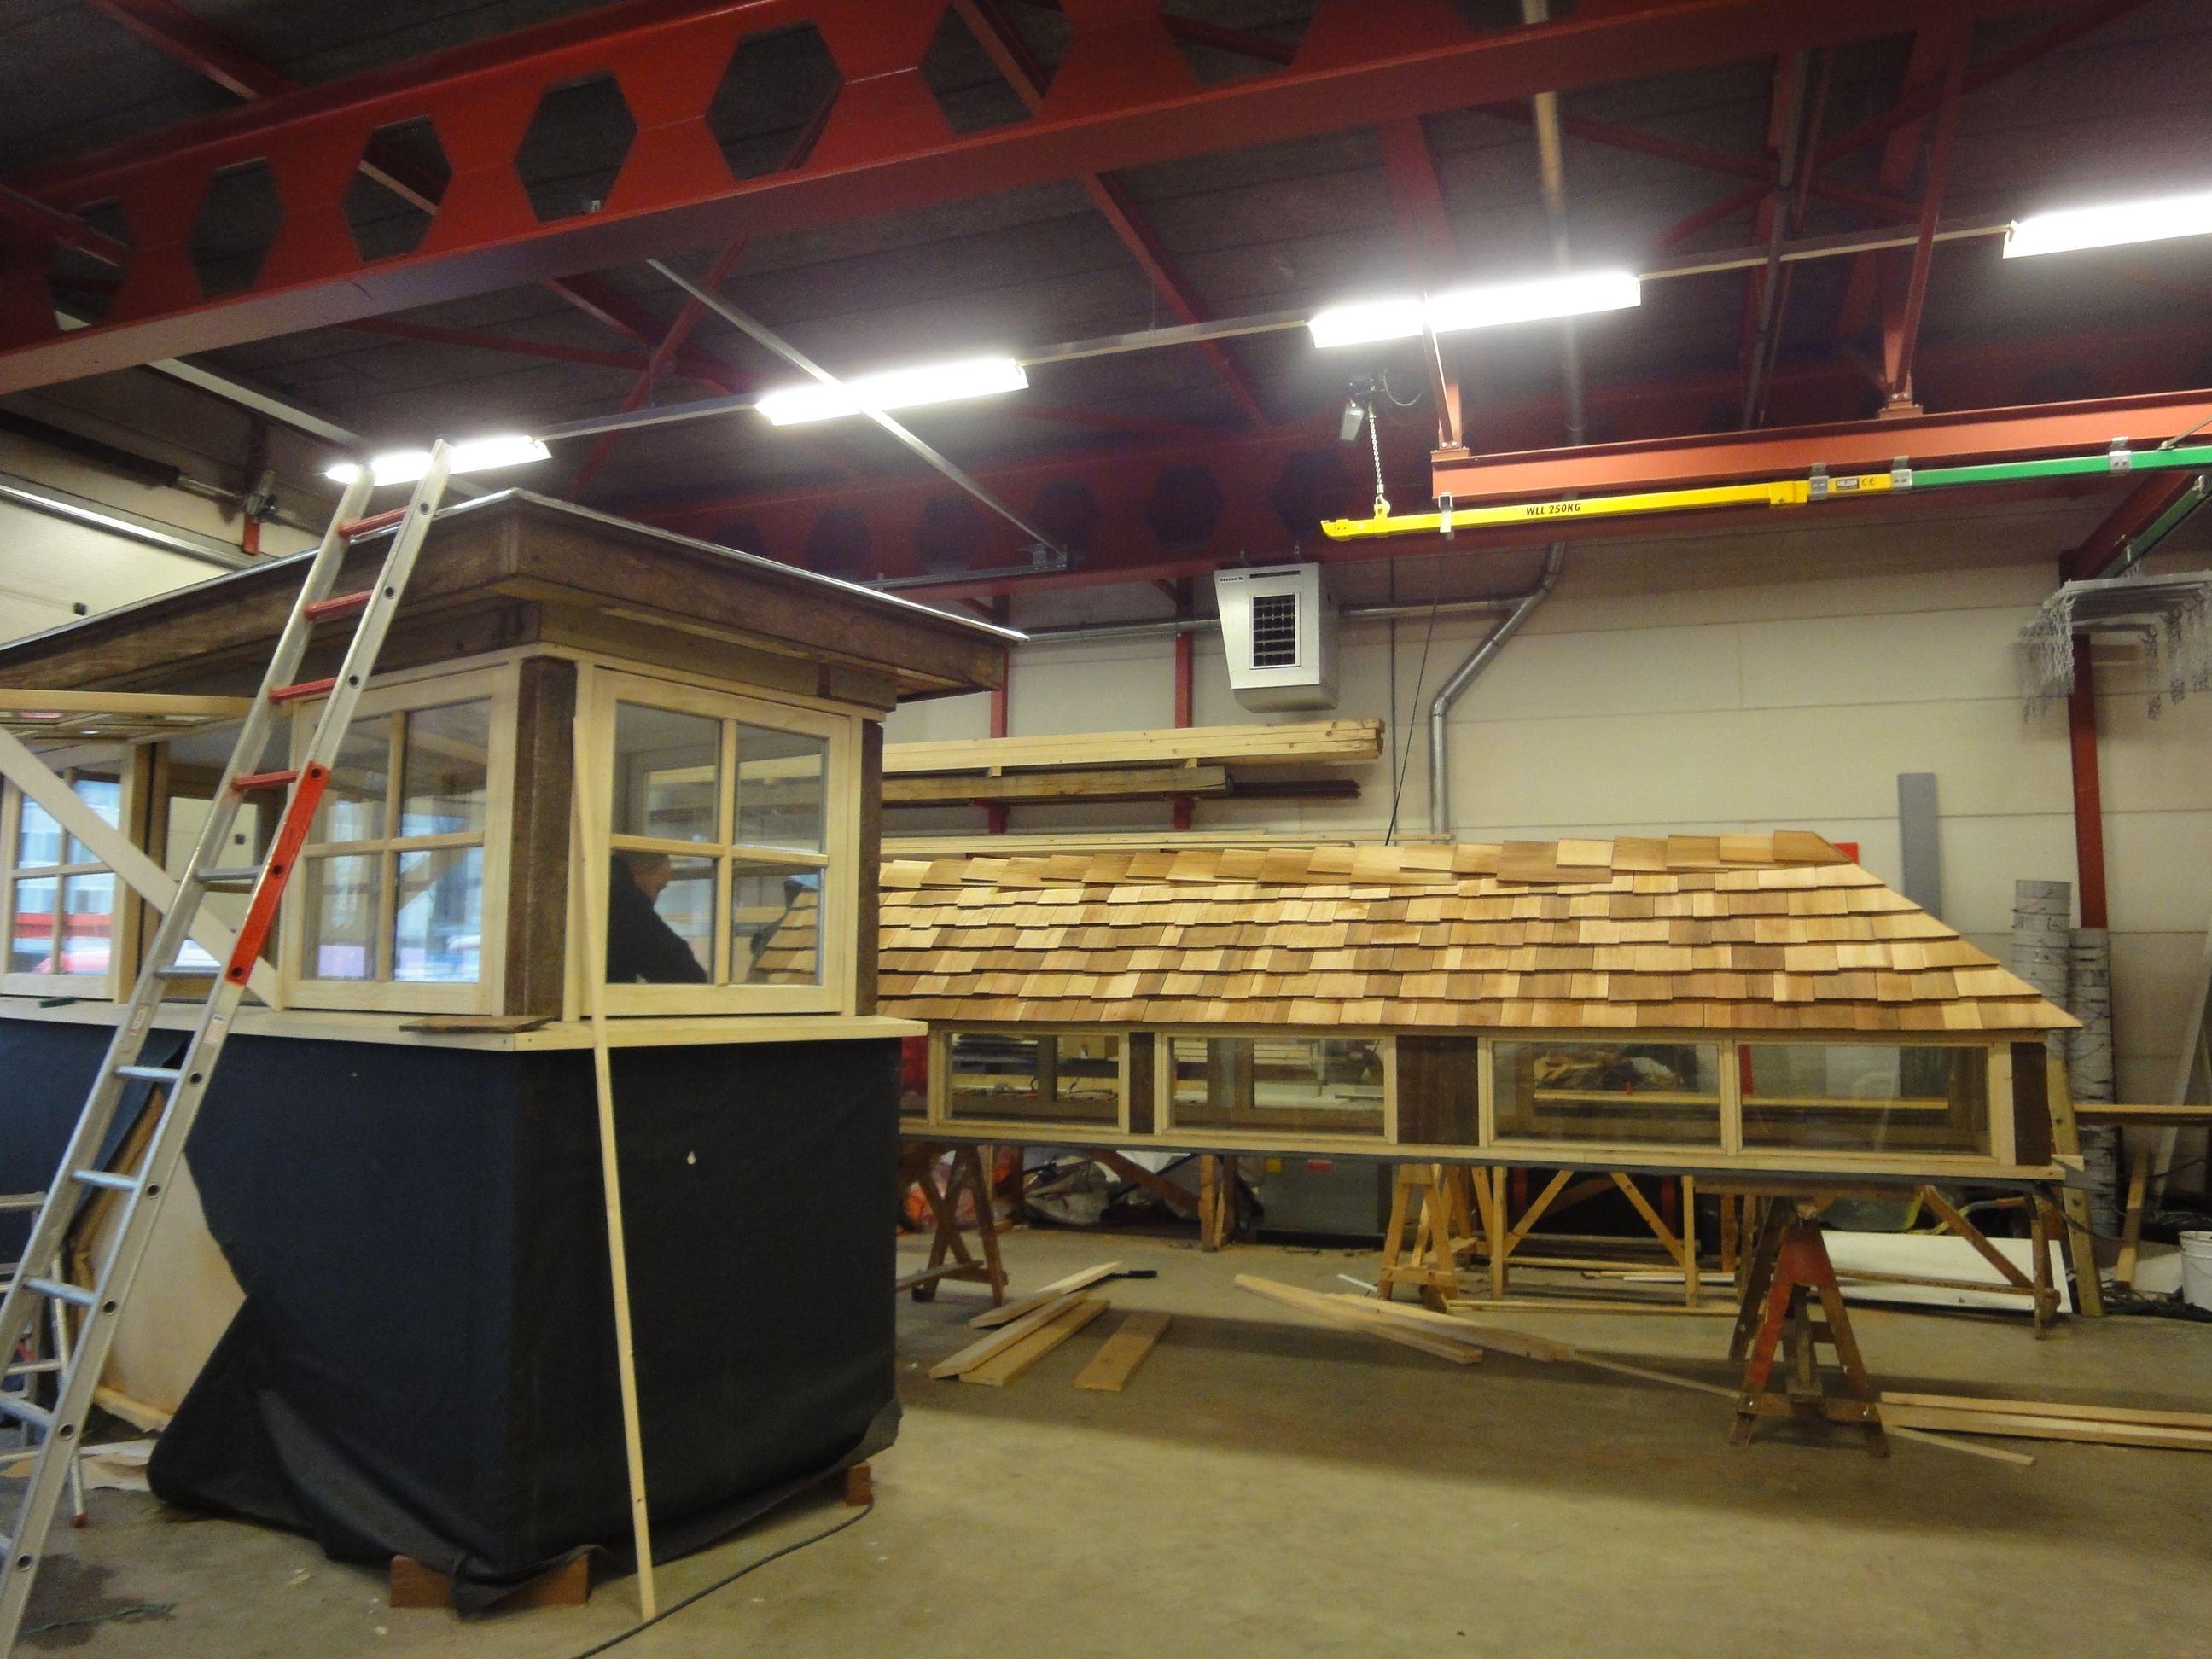 Boomwoning Van Wijnen Recreatiebouw voor Landal Miggelenberg te Hoenderloo - Voorgang bouw